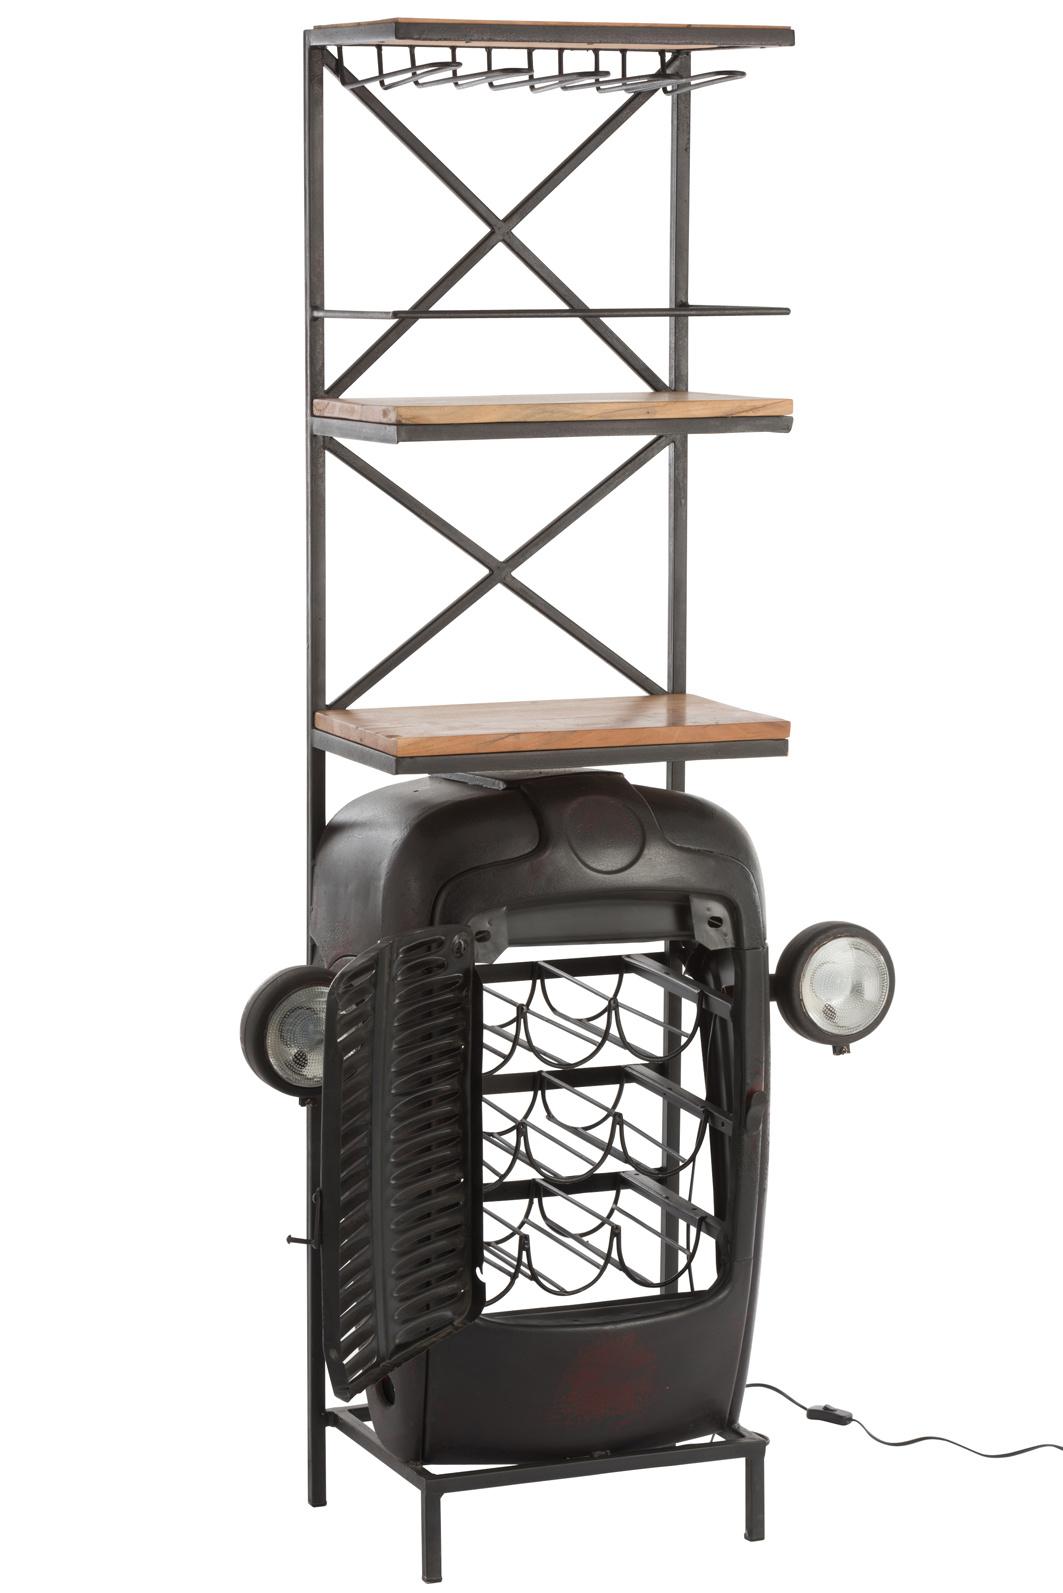 Duverger Tractor - Barmeubel - zwart - metaal - 3 houten leggers - ophangrek glazen